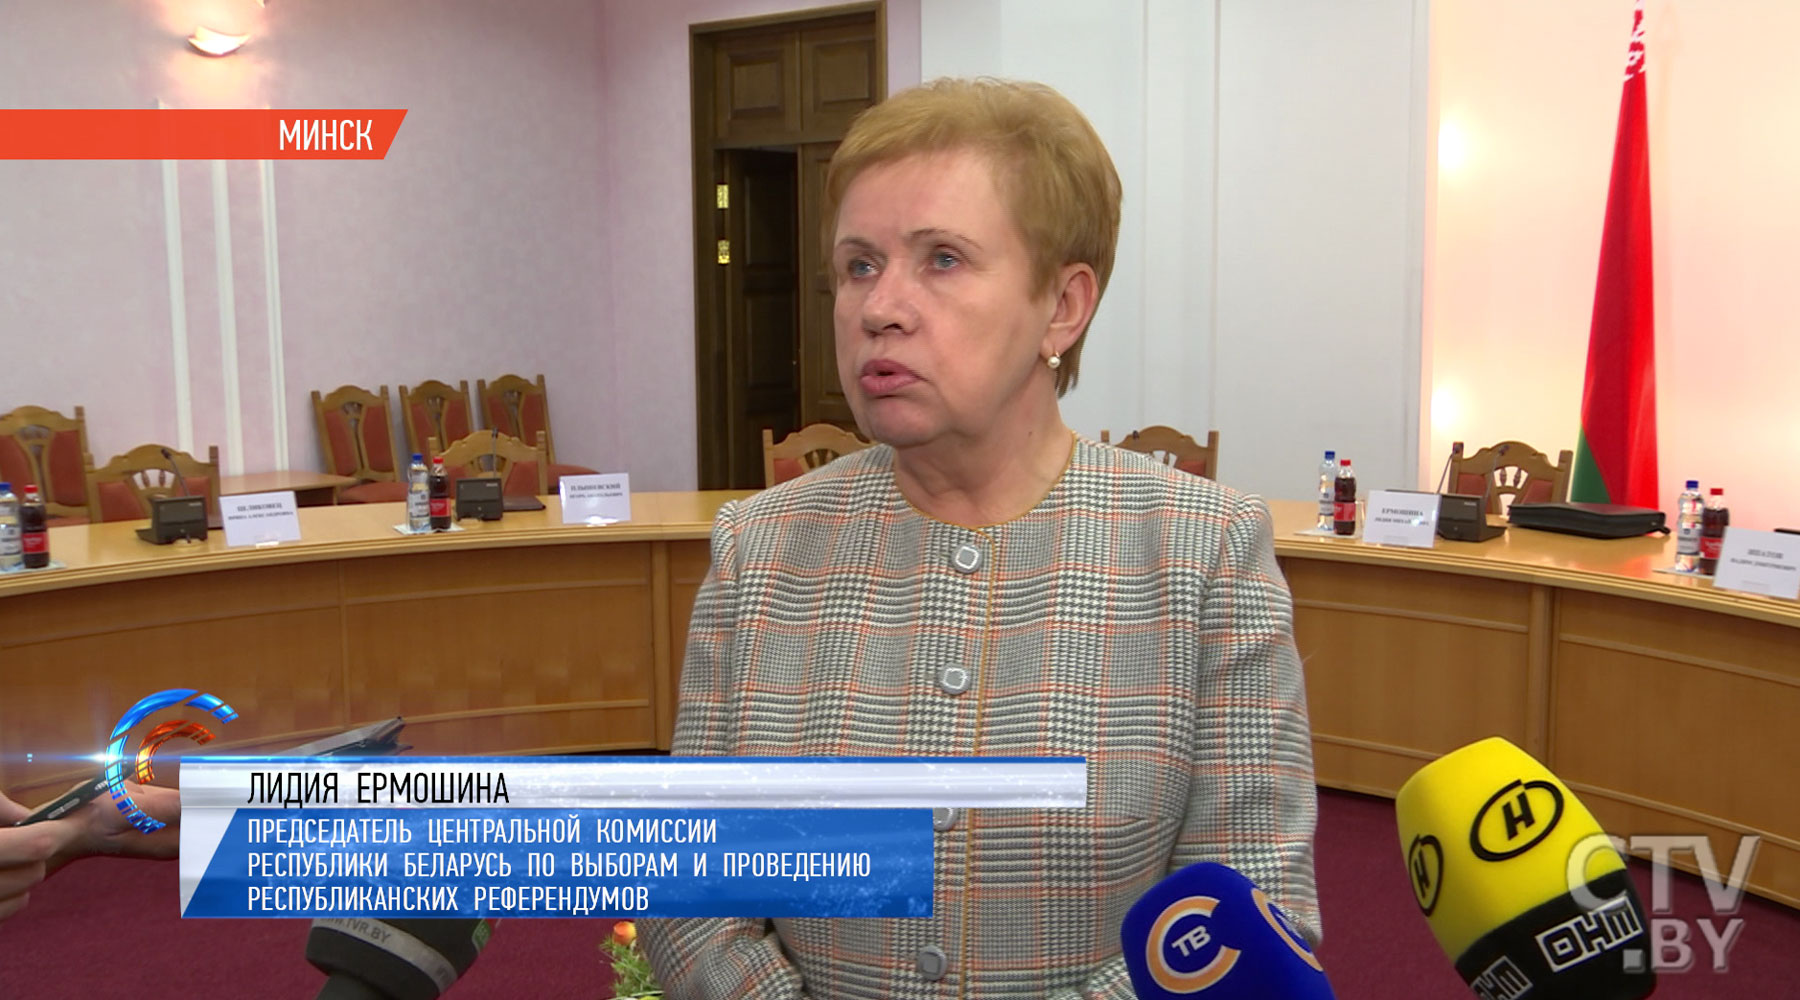 Ермошина: россияне могут занять кресла депутатов местных советов